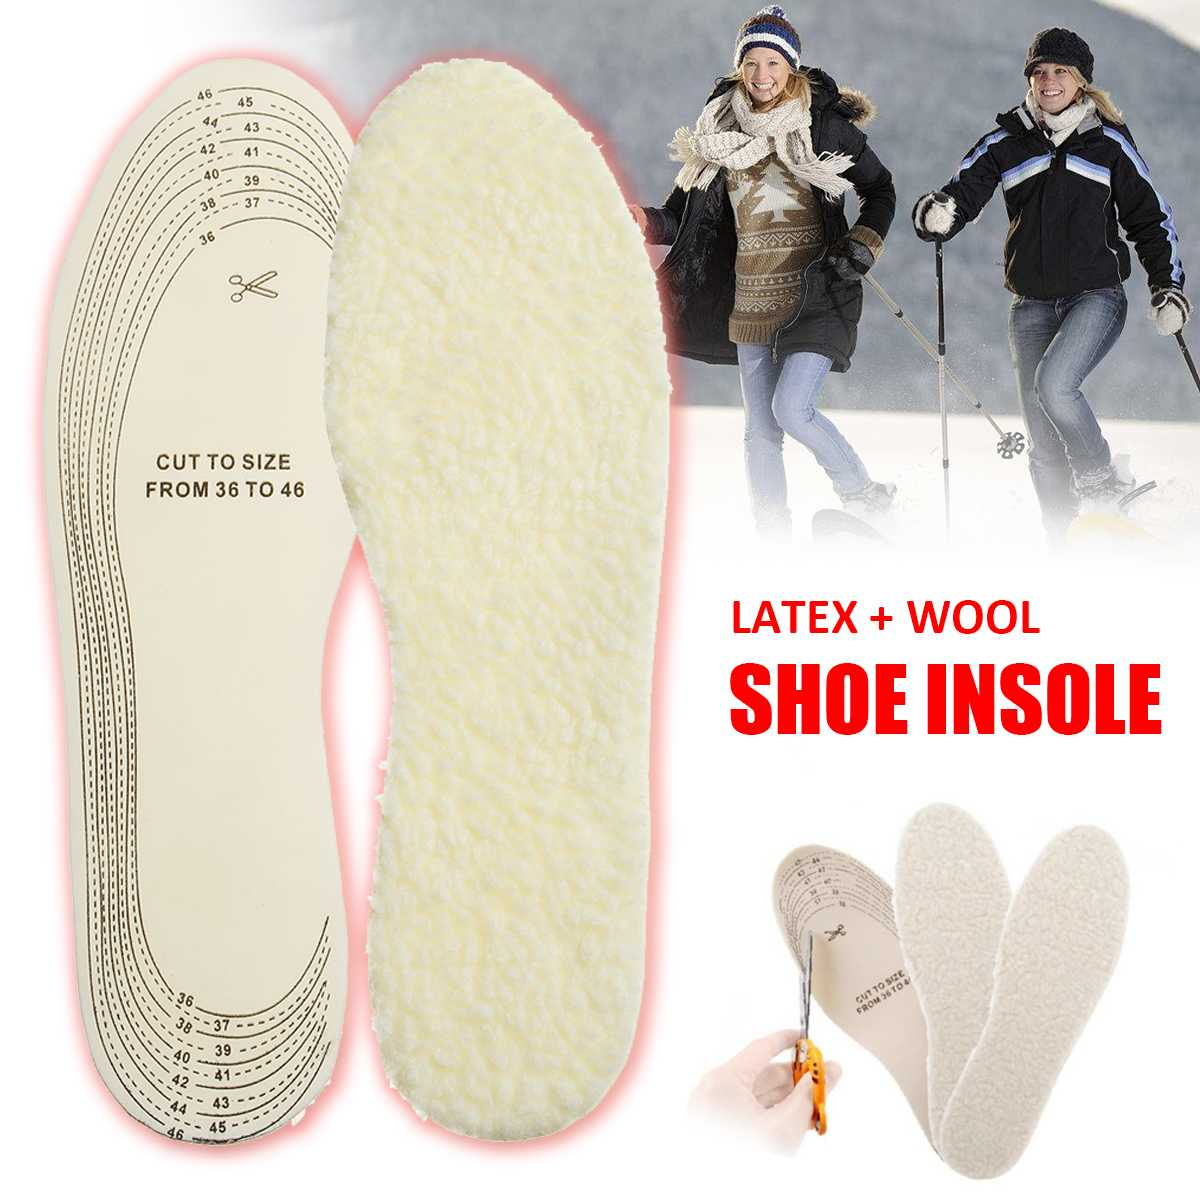 Kaps PLANTILLAS DE LANA Botas o Zapatos Repuesto de Plantillas de Invierno para Hombre y Mujer Plantillas Interiores Accesorios